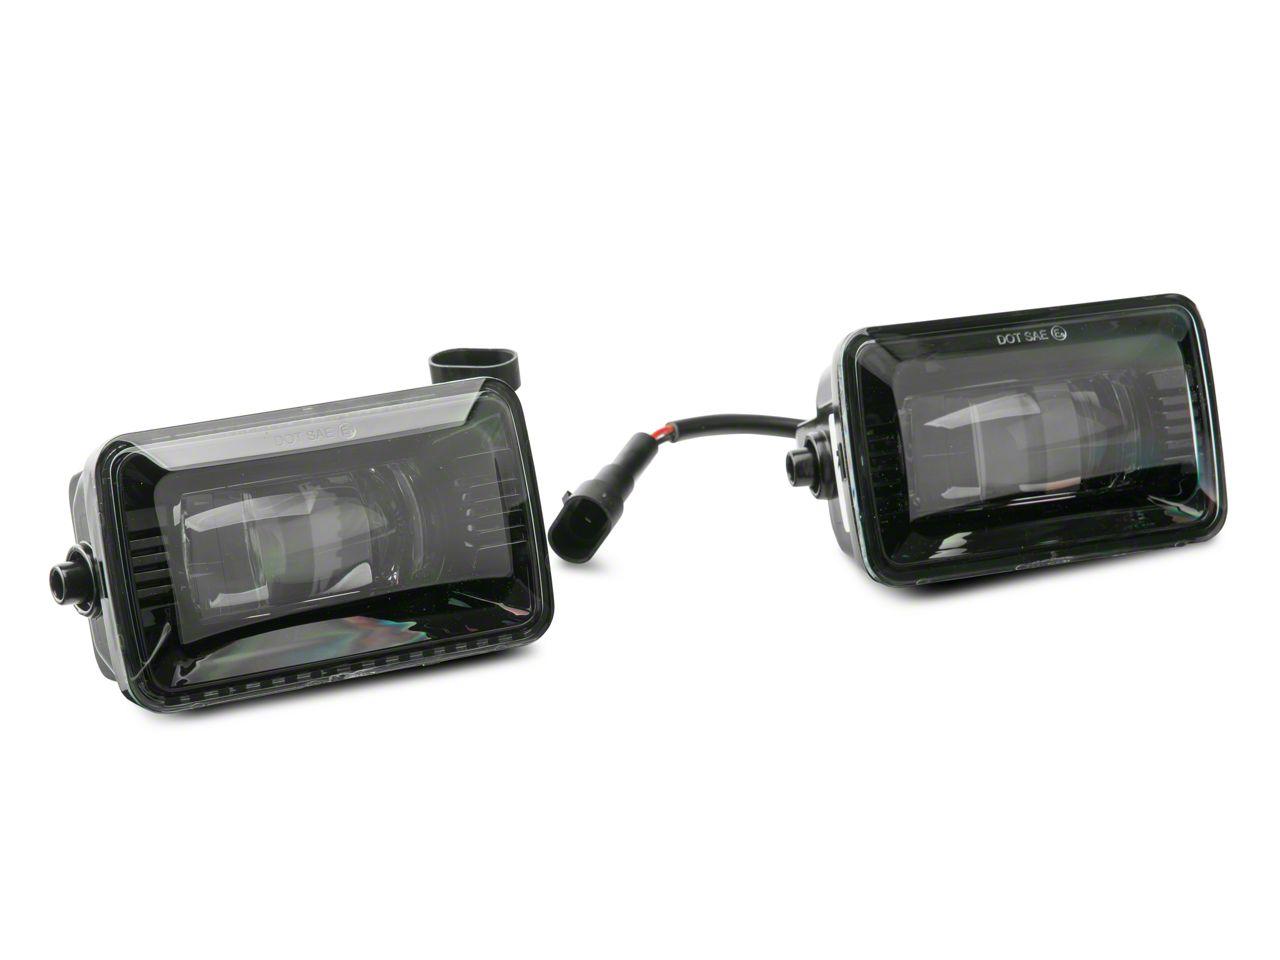 Axial LED Fog Lights (15-19 F-150, Excluding Raptor)